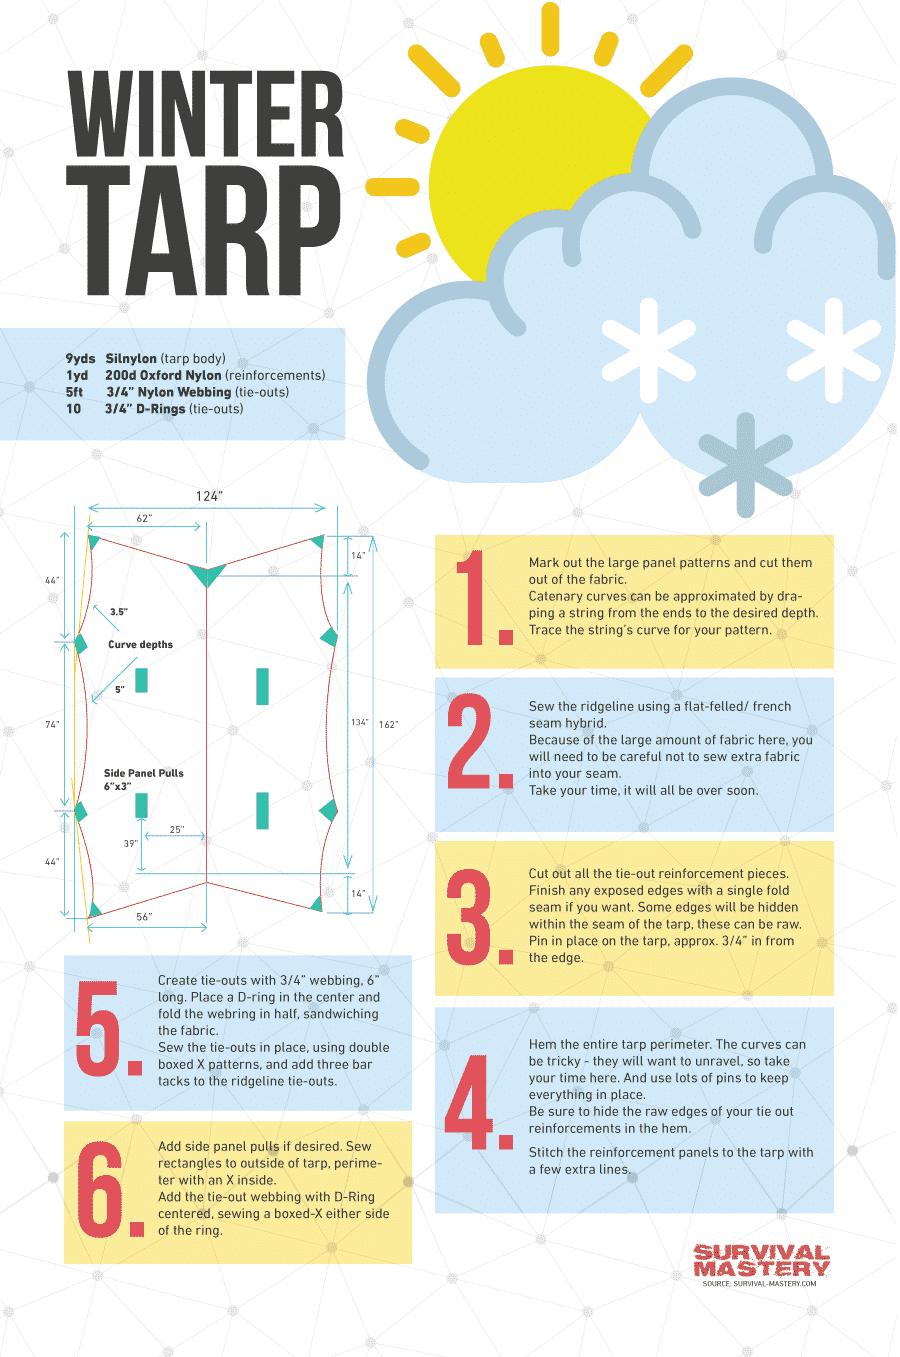 Winter tarp infographic